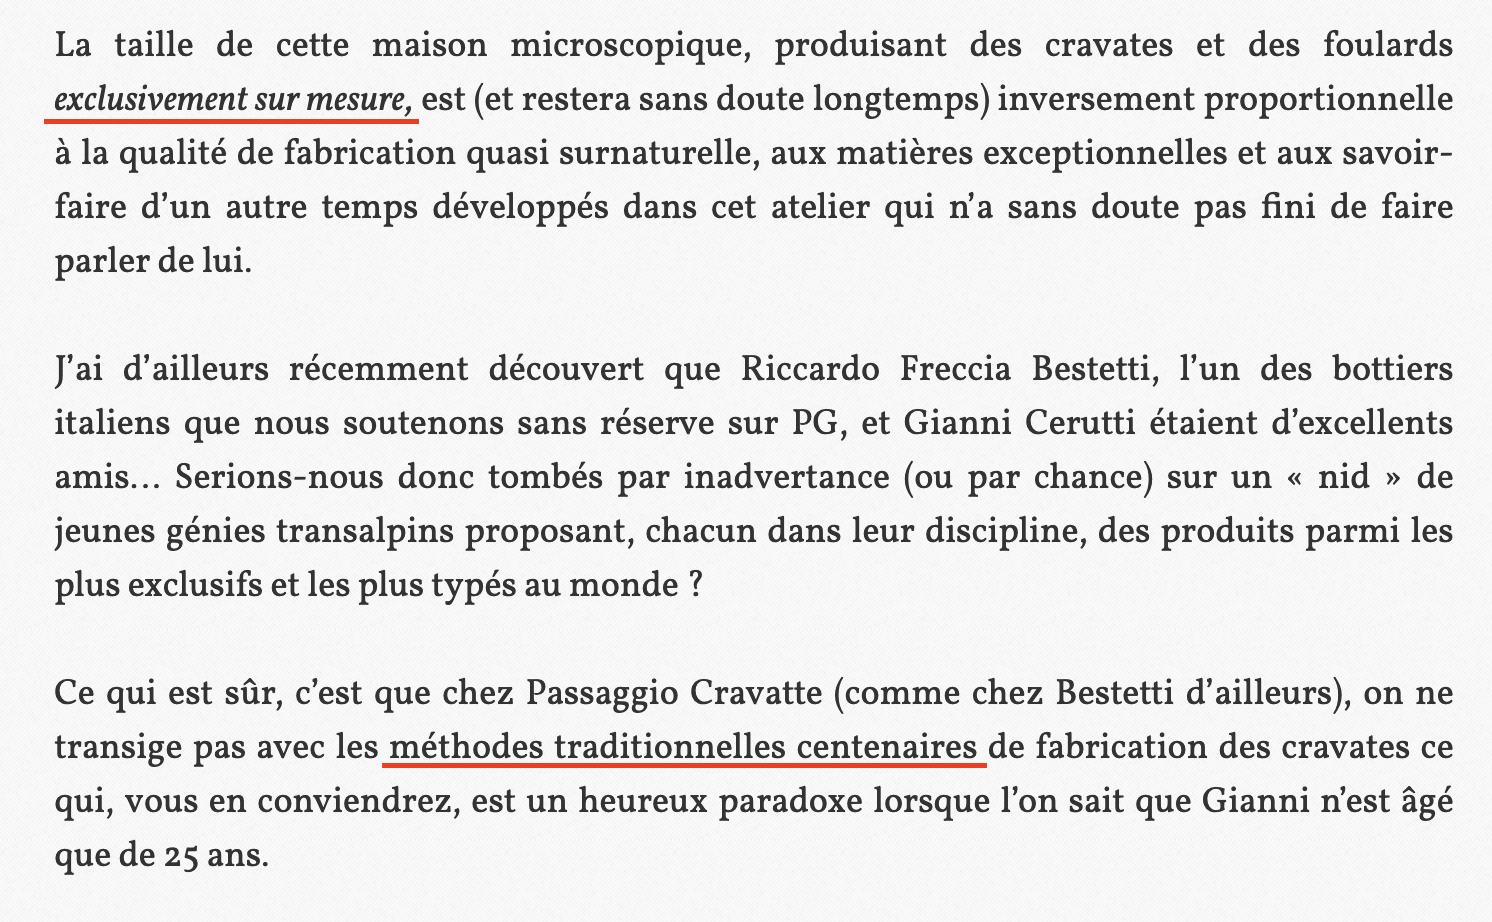 """Sans surprise chez Huguette de Paris les louanges sont également au rendez-vous. Notez les """"méthodes centenaires"""" qui est un gimmick soufflé à sa gagneuse par Gianni qu'il va ensuite répéter ad nauseam à qui veut bien l'entendre. La mention d'une production """"exclusivement sur mesure"""" a été également soufflée par Gianni, alors que ses produits sont vendus en PAP chez un certain nombre de revendeurs. Nous reviendrons également là-dessus plus tard. (Source : Parisiangentleman)"""